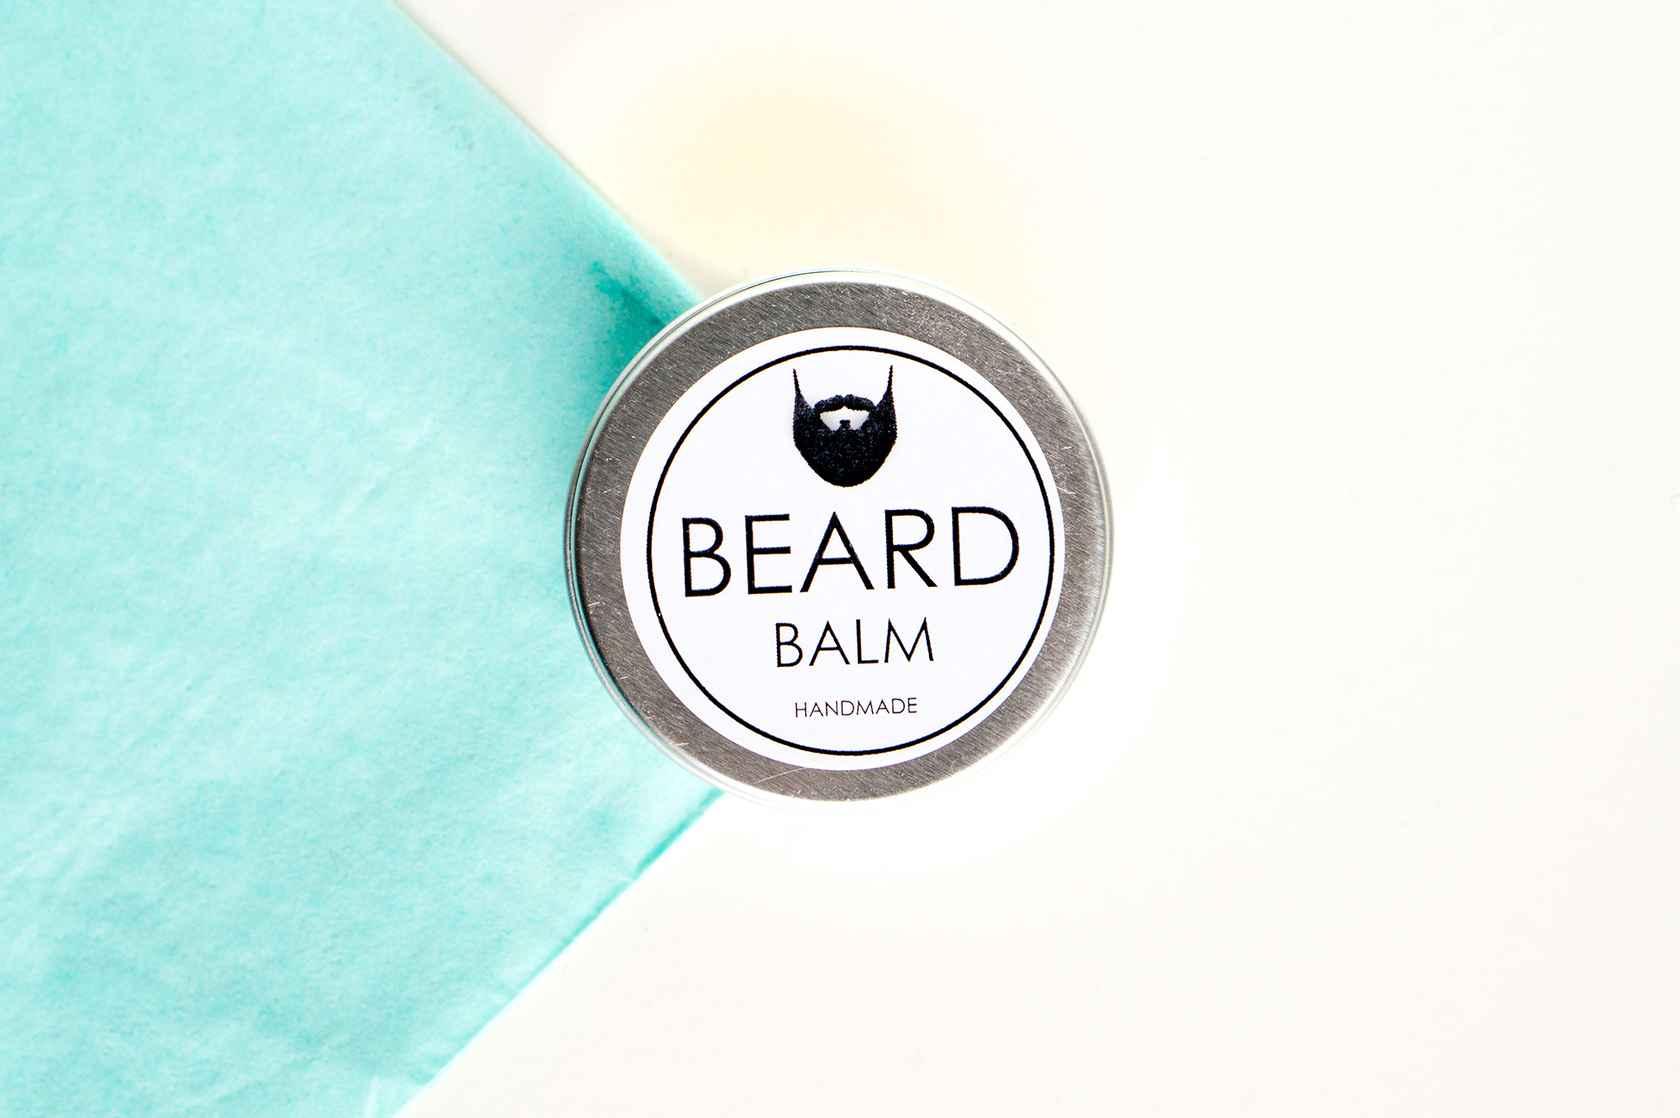 Zelf baardbalsem maken